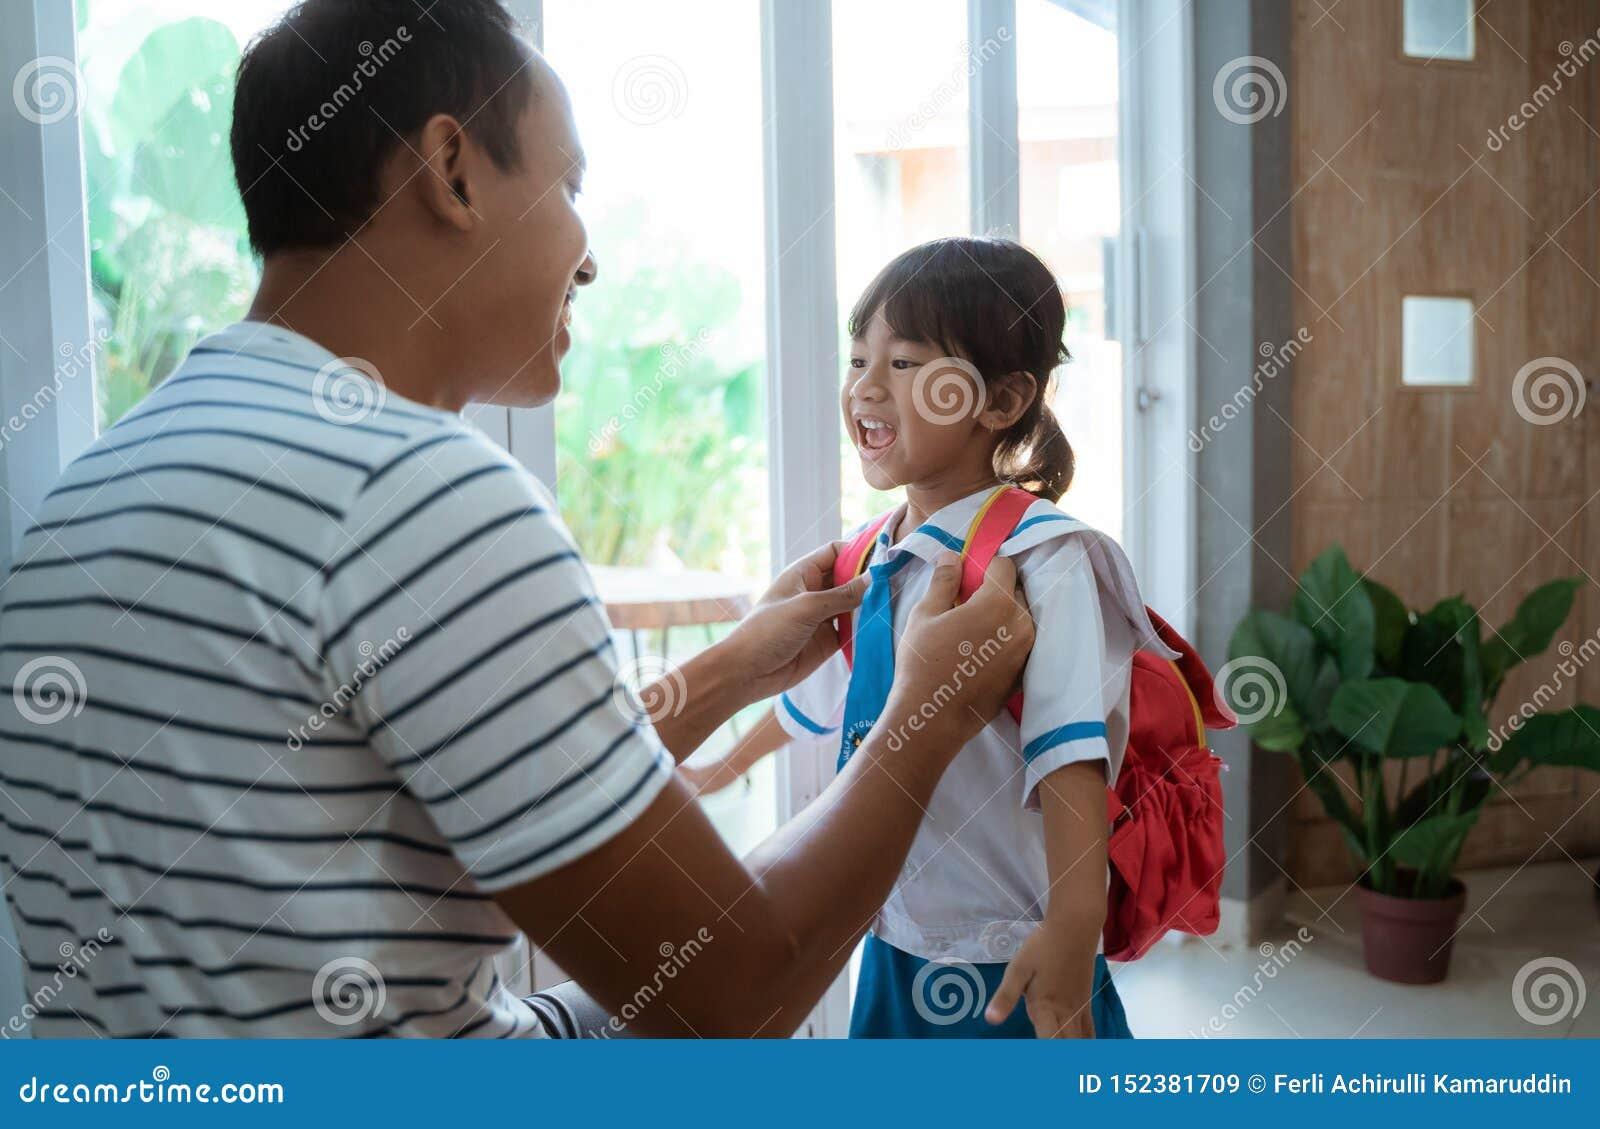 Σπουδαστής παιδικών σταθμών που φορά τη σχολική στολή που ενισχύεται από τον πατέρα της